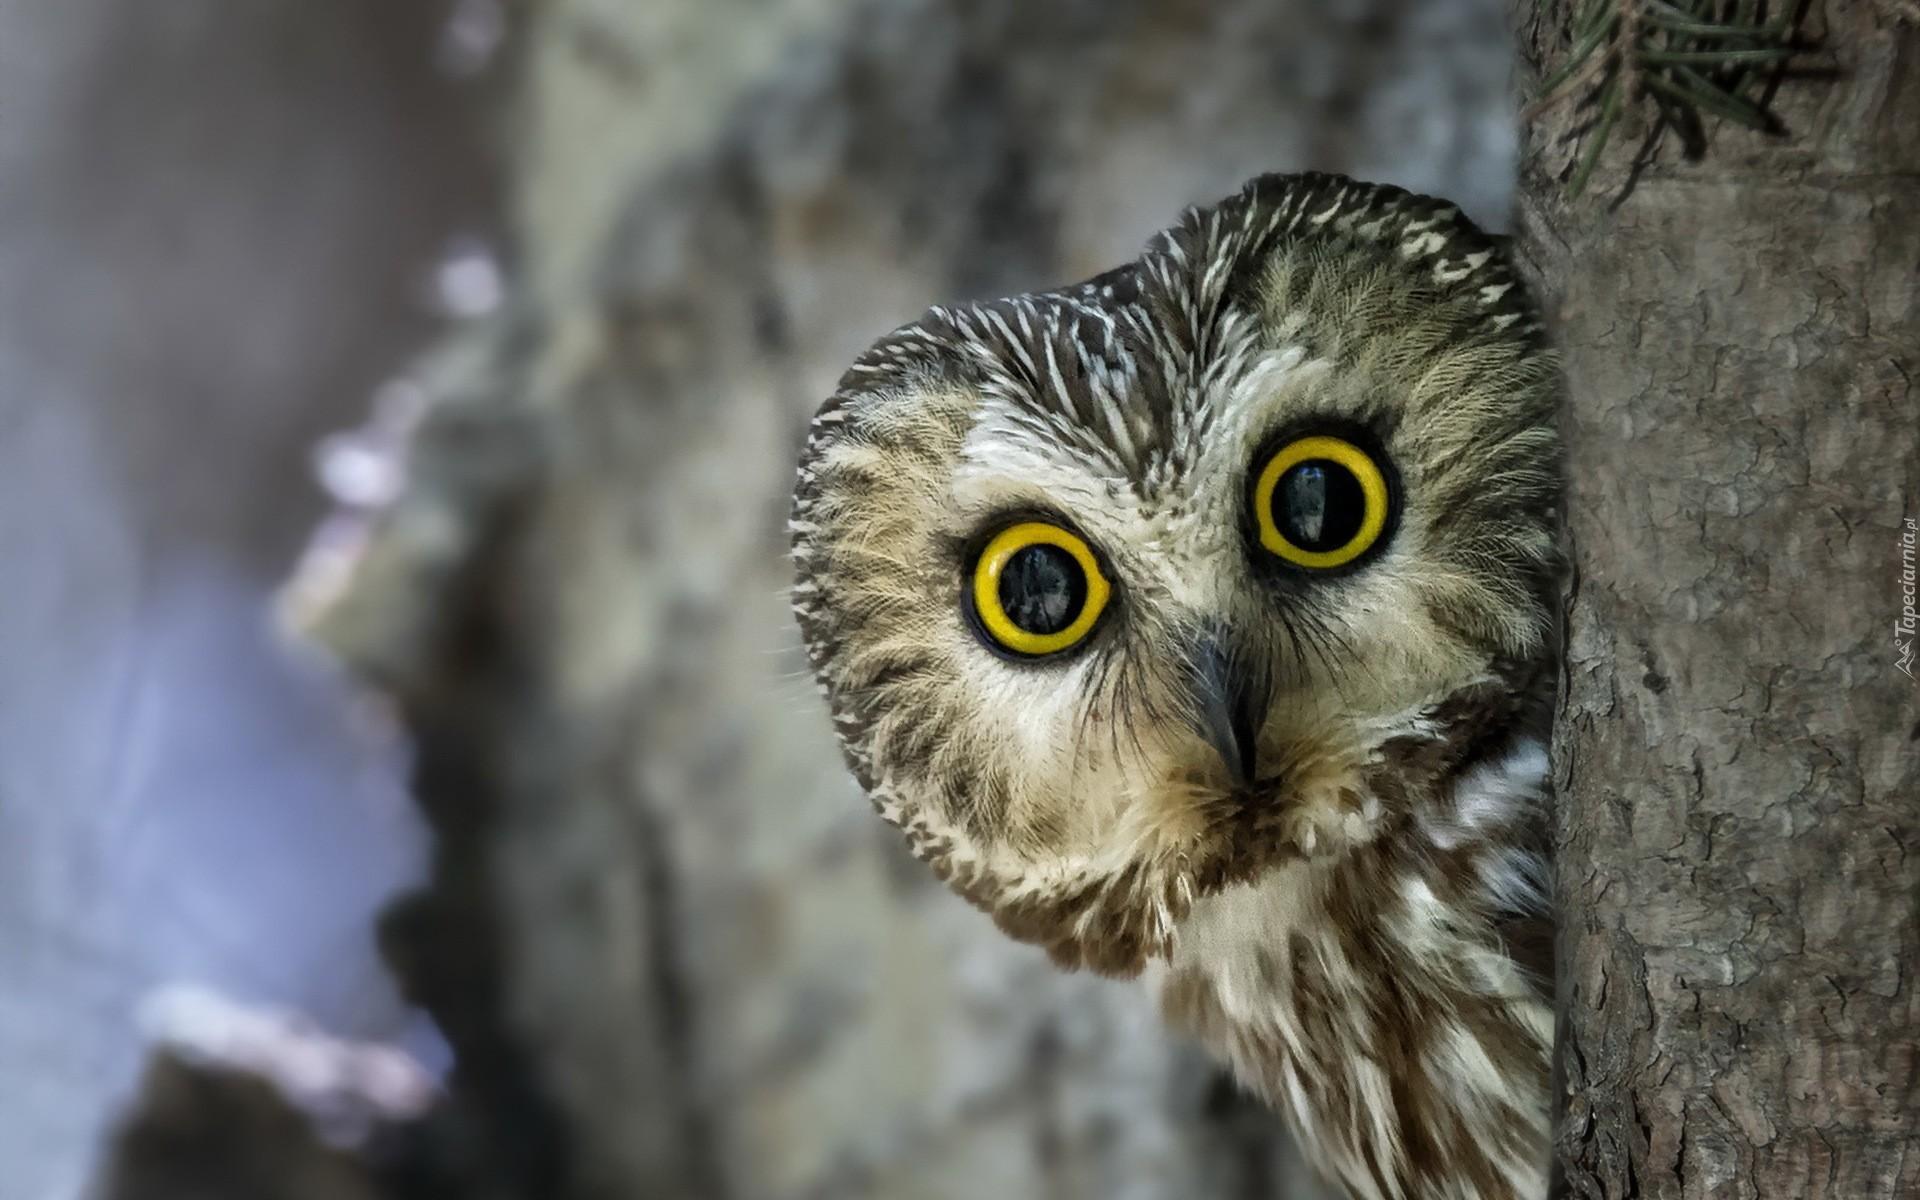 Wielkie Oczy Puchacza